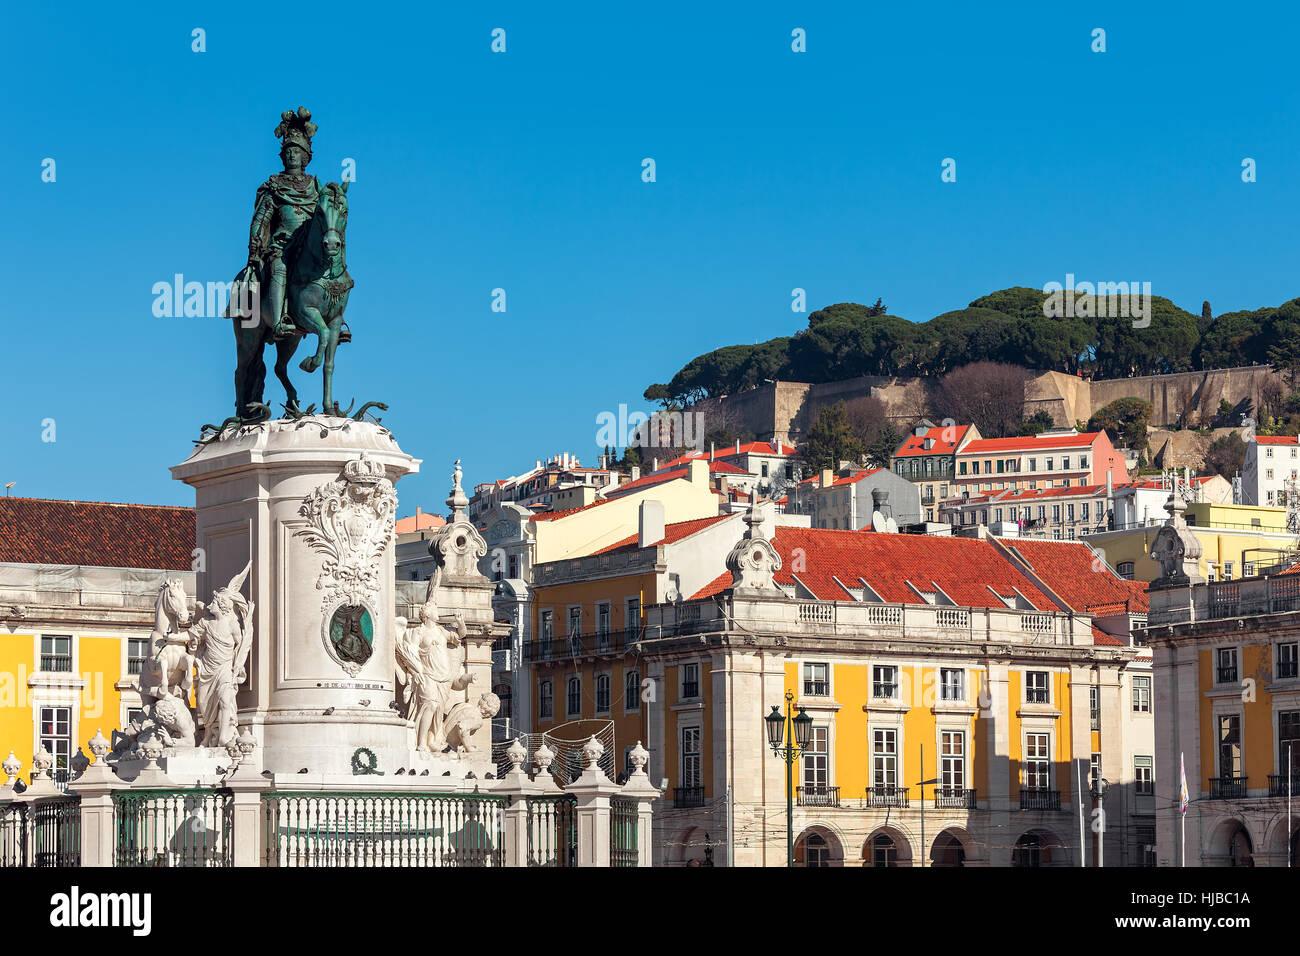 Estatua de bronce del rey José sobre el caballo como coloridas casas antiguas en fondo bajo un cielo azul en Commerce Foto de stock